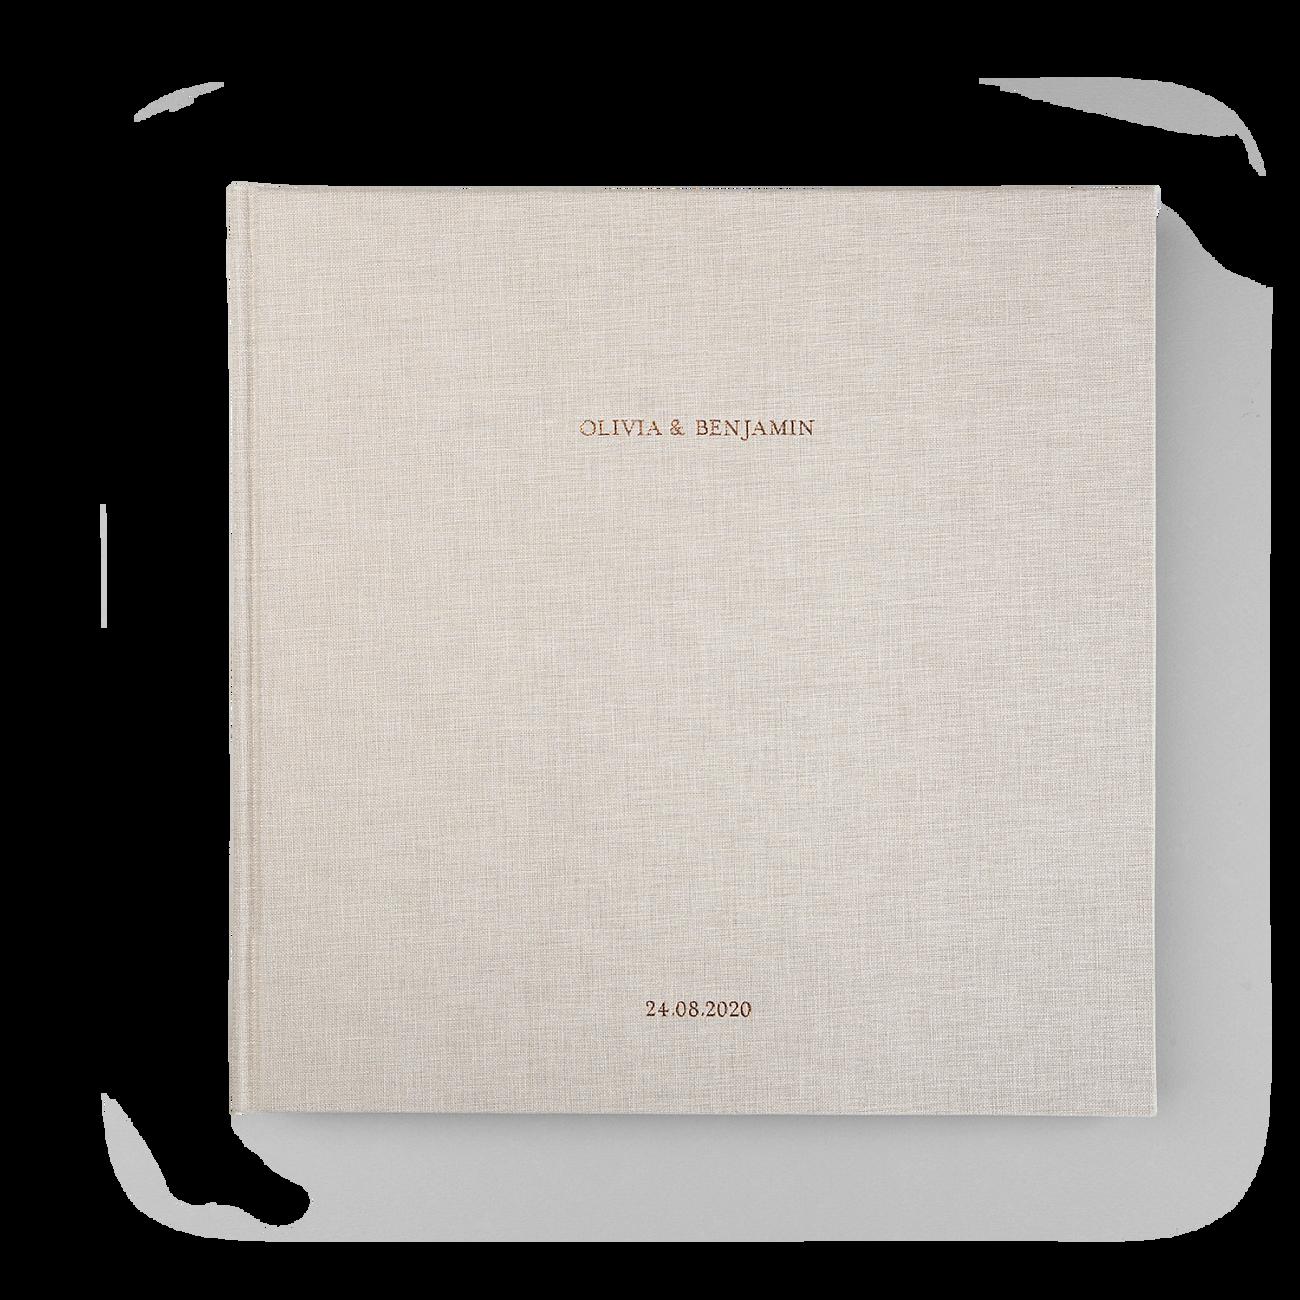 Fotobuch Hardcover Mit Stoffeinband Hochwertig Individuell Von Atelier Rosemood In 2020 Fotoalbum Fotobuch Einband